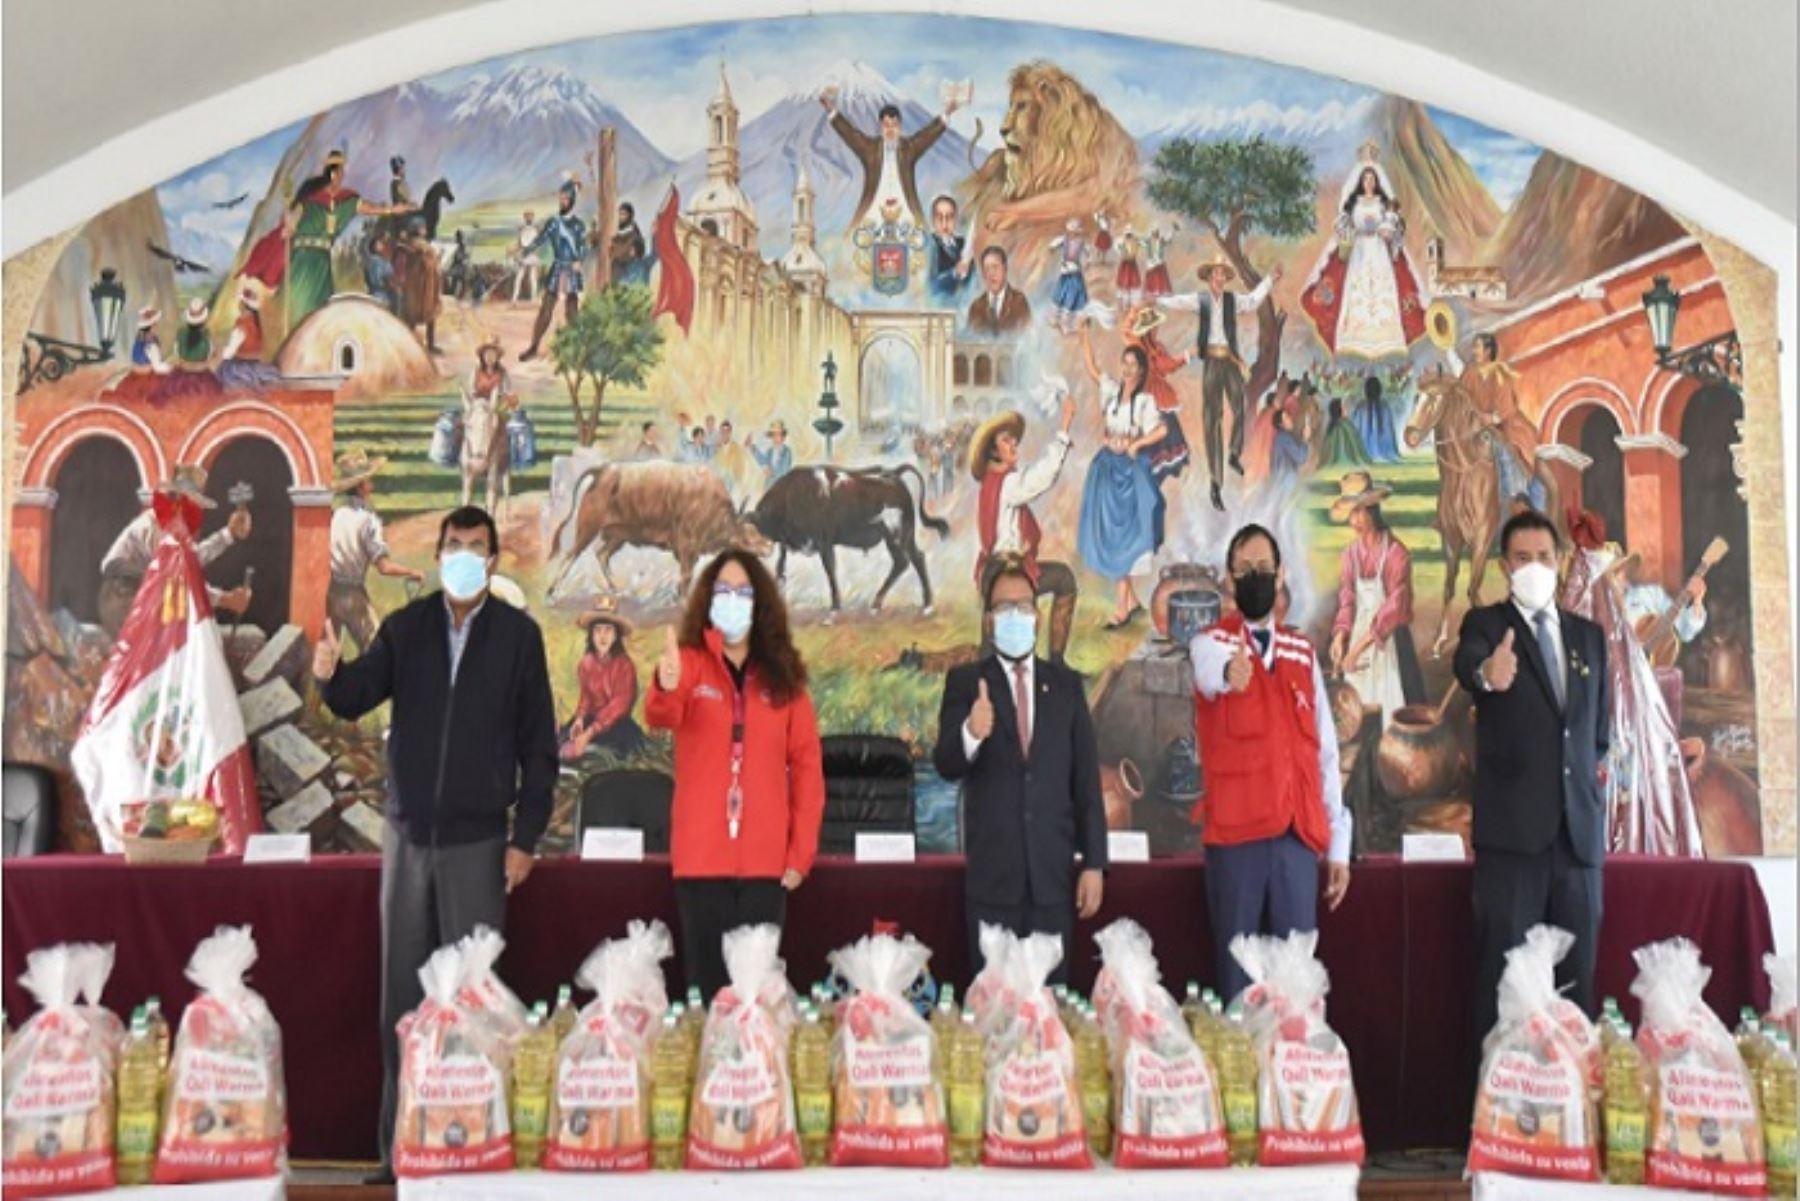 Midis entrega 58.65 toneladas de alimentos a tres municipios de Arequipa